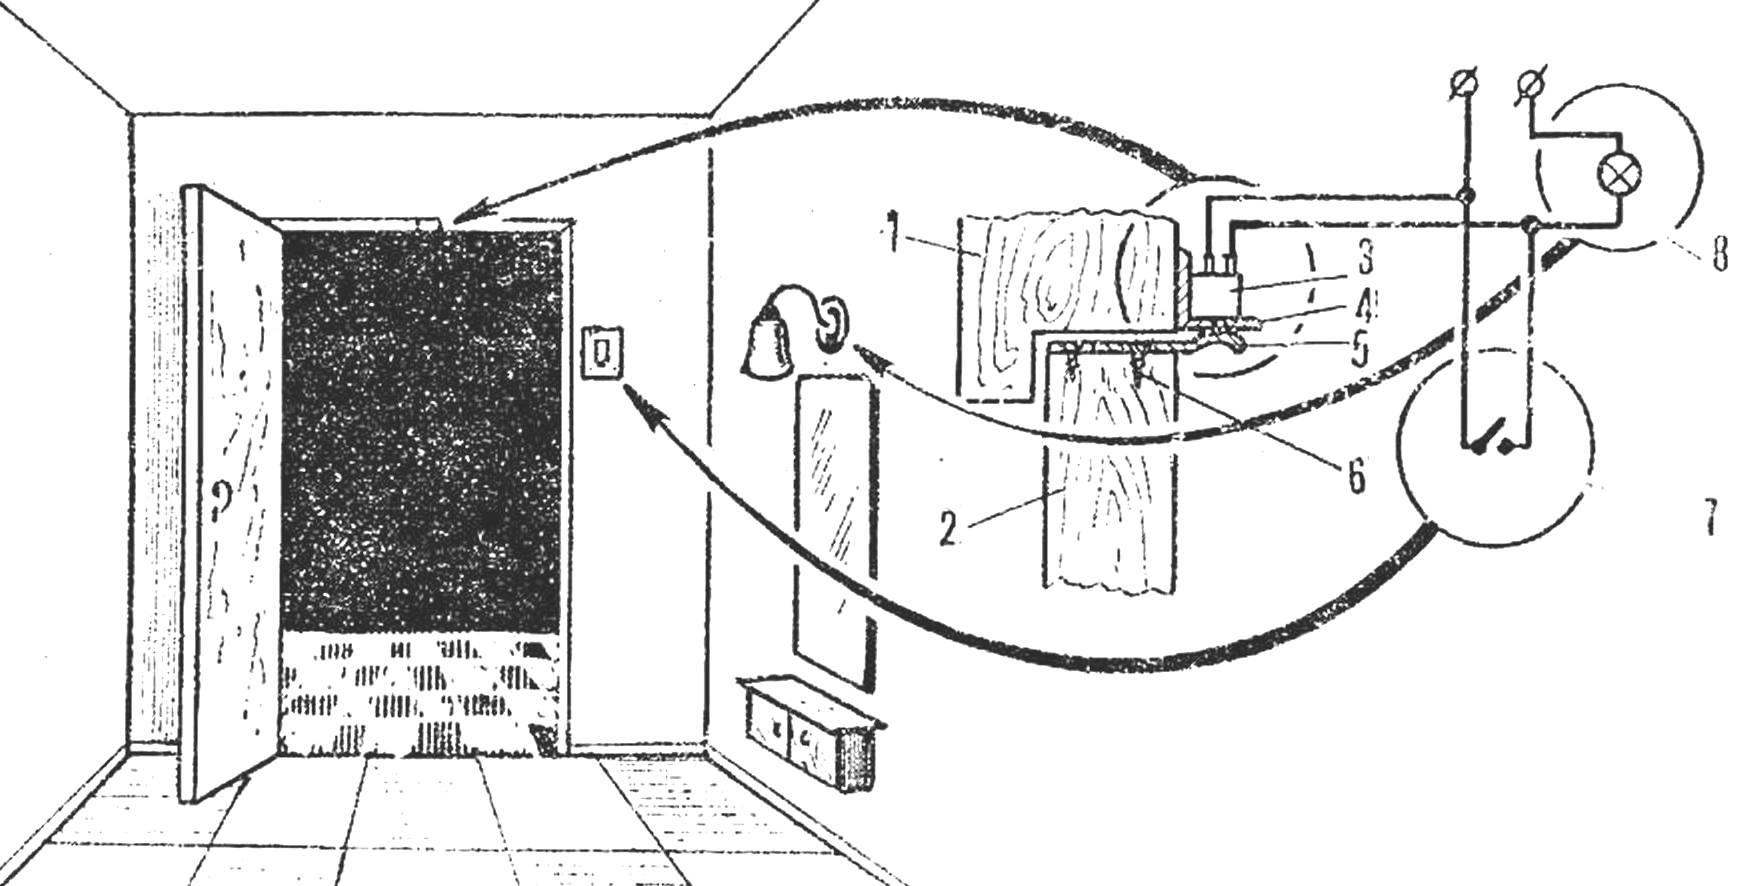 Рис. 1. Установка микропереключателя для освещения прихожей